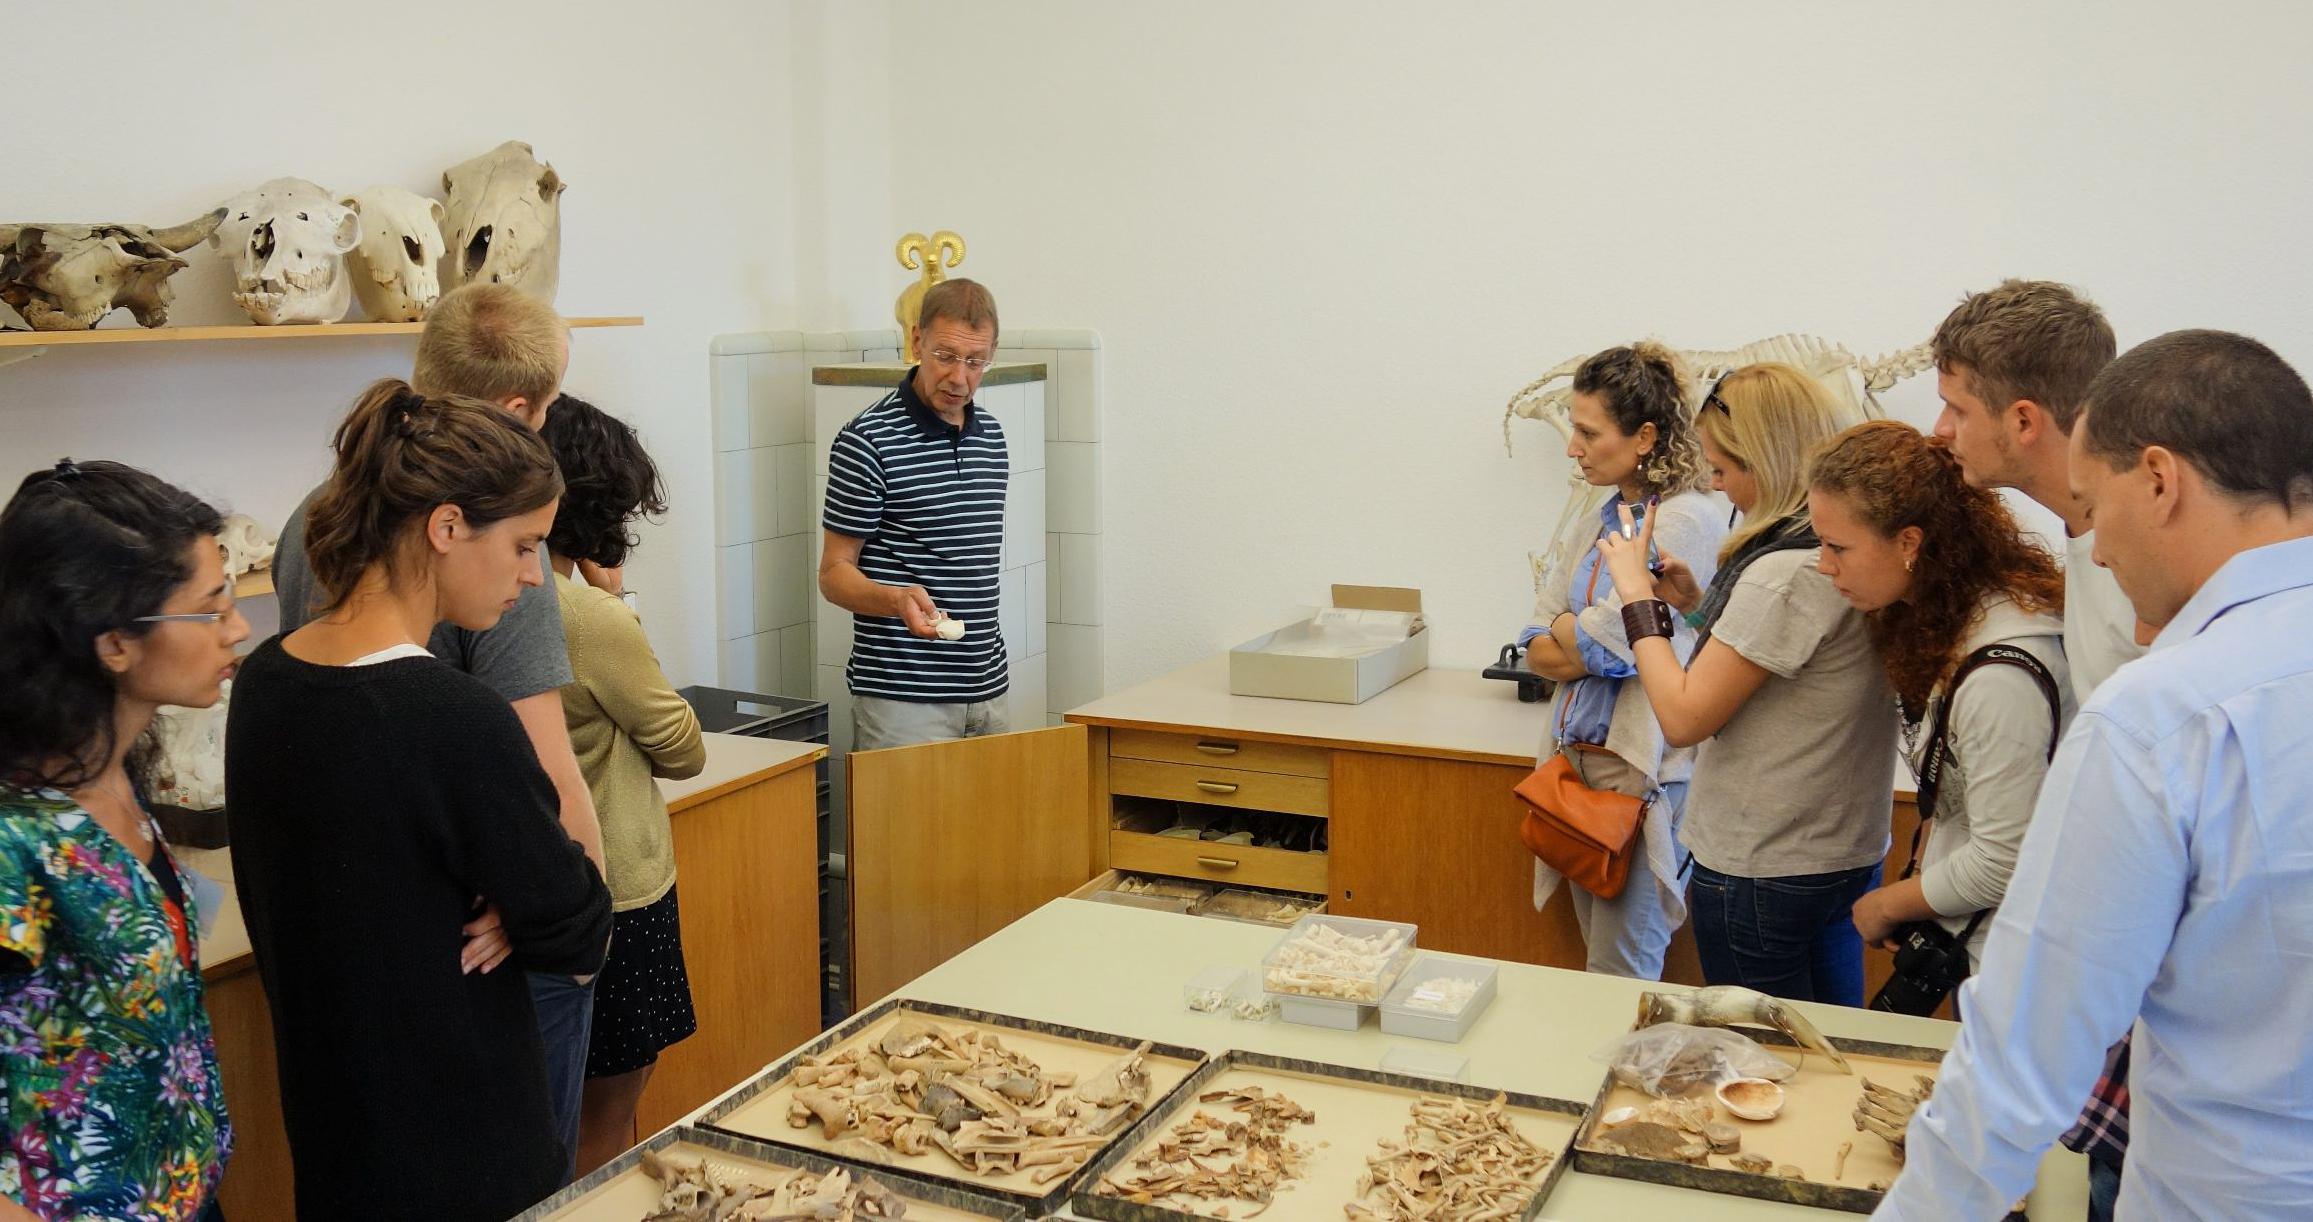 Im naturwissenschaftlichen Referat des Deutschen Archäologischen Instituts (DAI) gibt der Biologe Norbert Benecke eine Einführung in die Archäozoologie | Foto: Berliner Antike-Kolleg